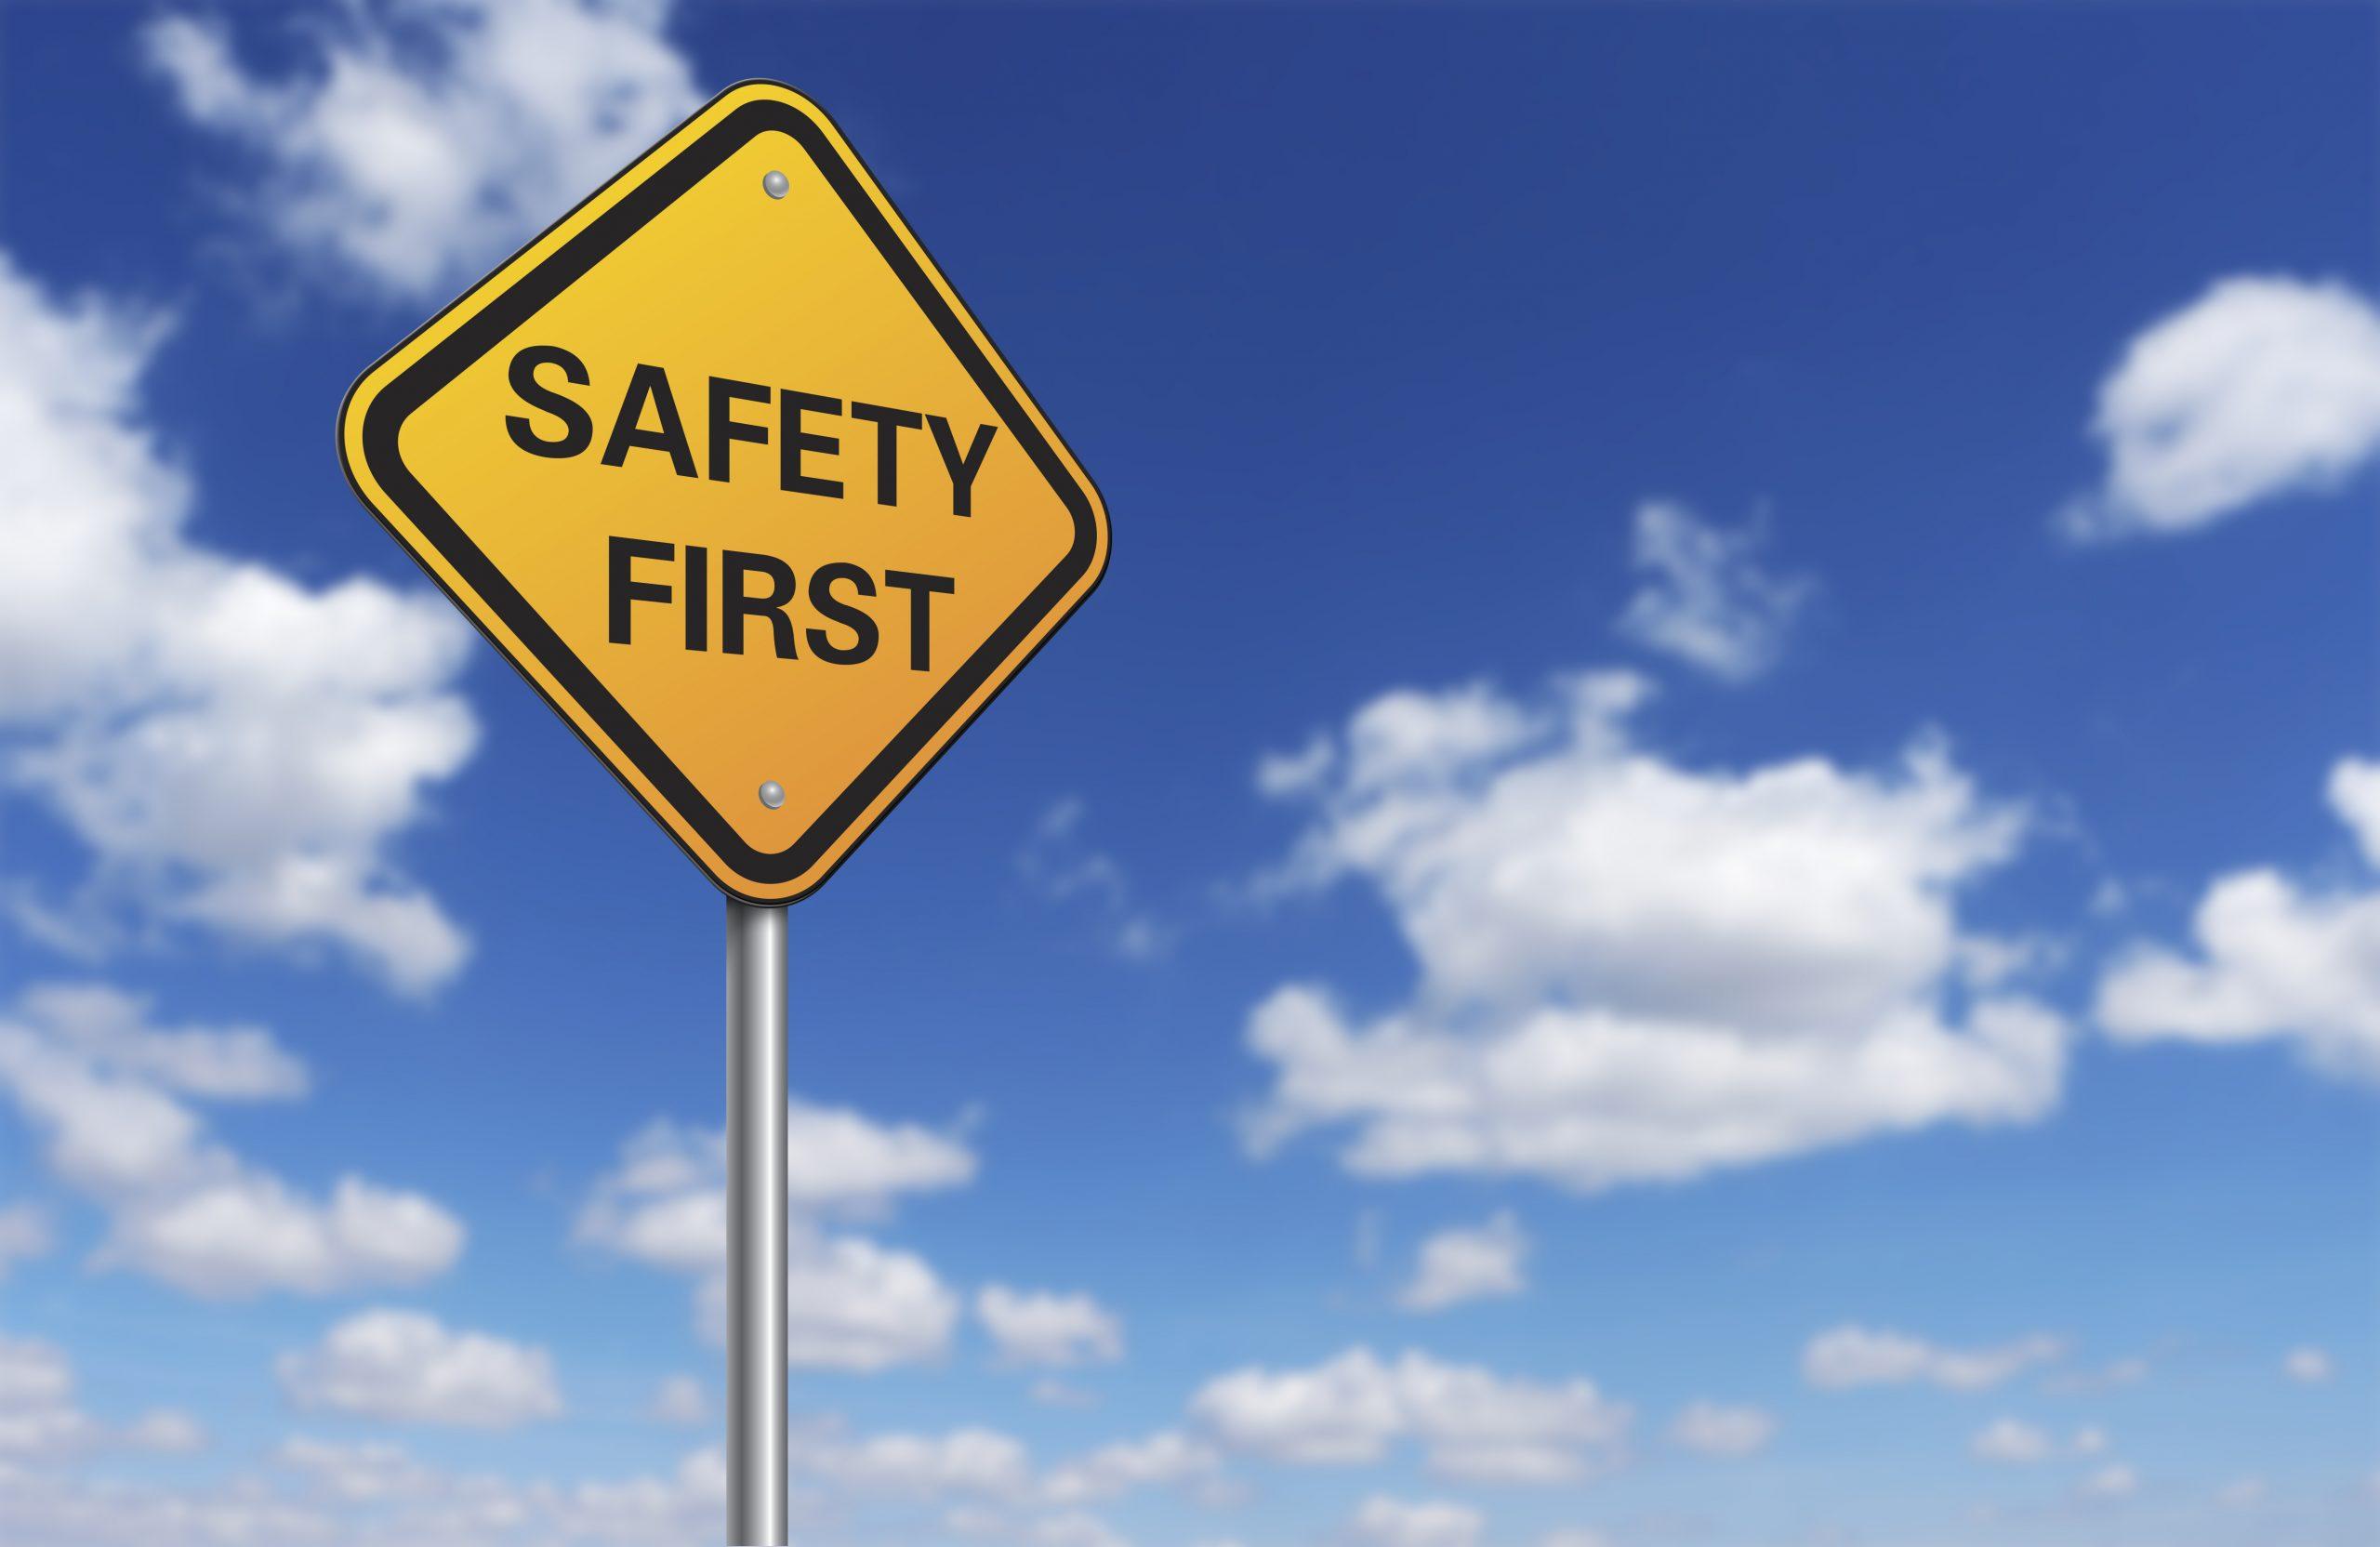 Safety richtig dokumentieren